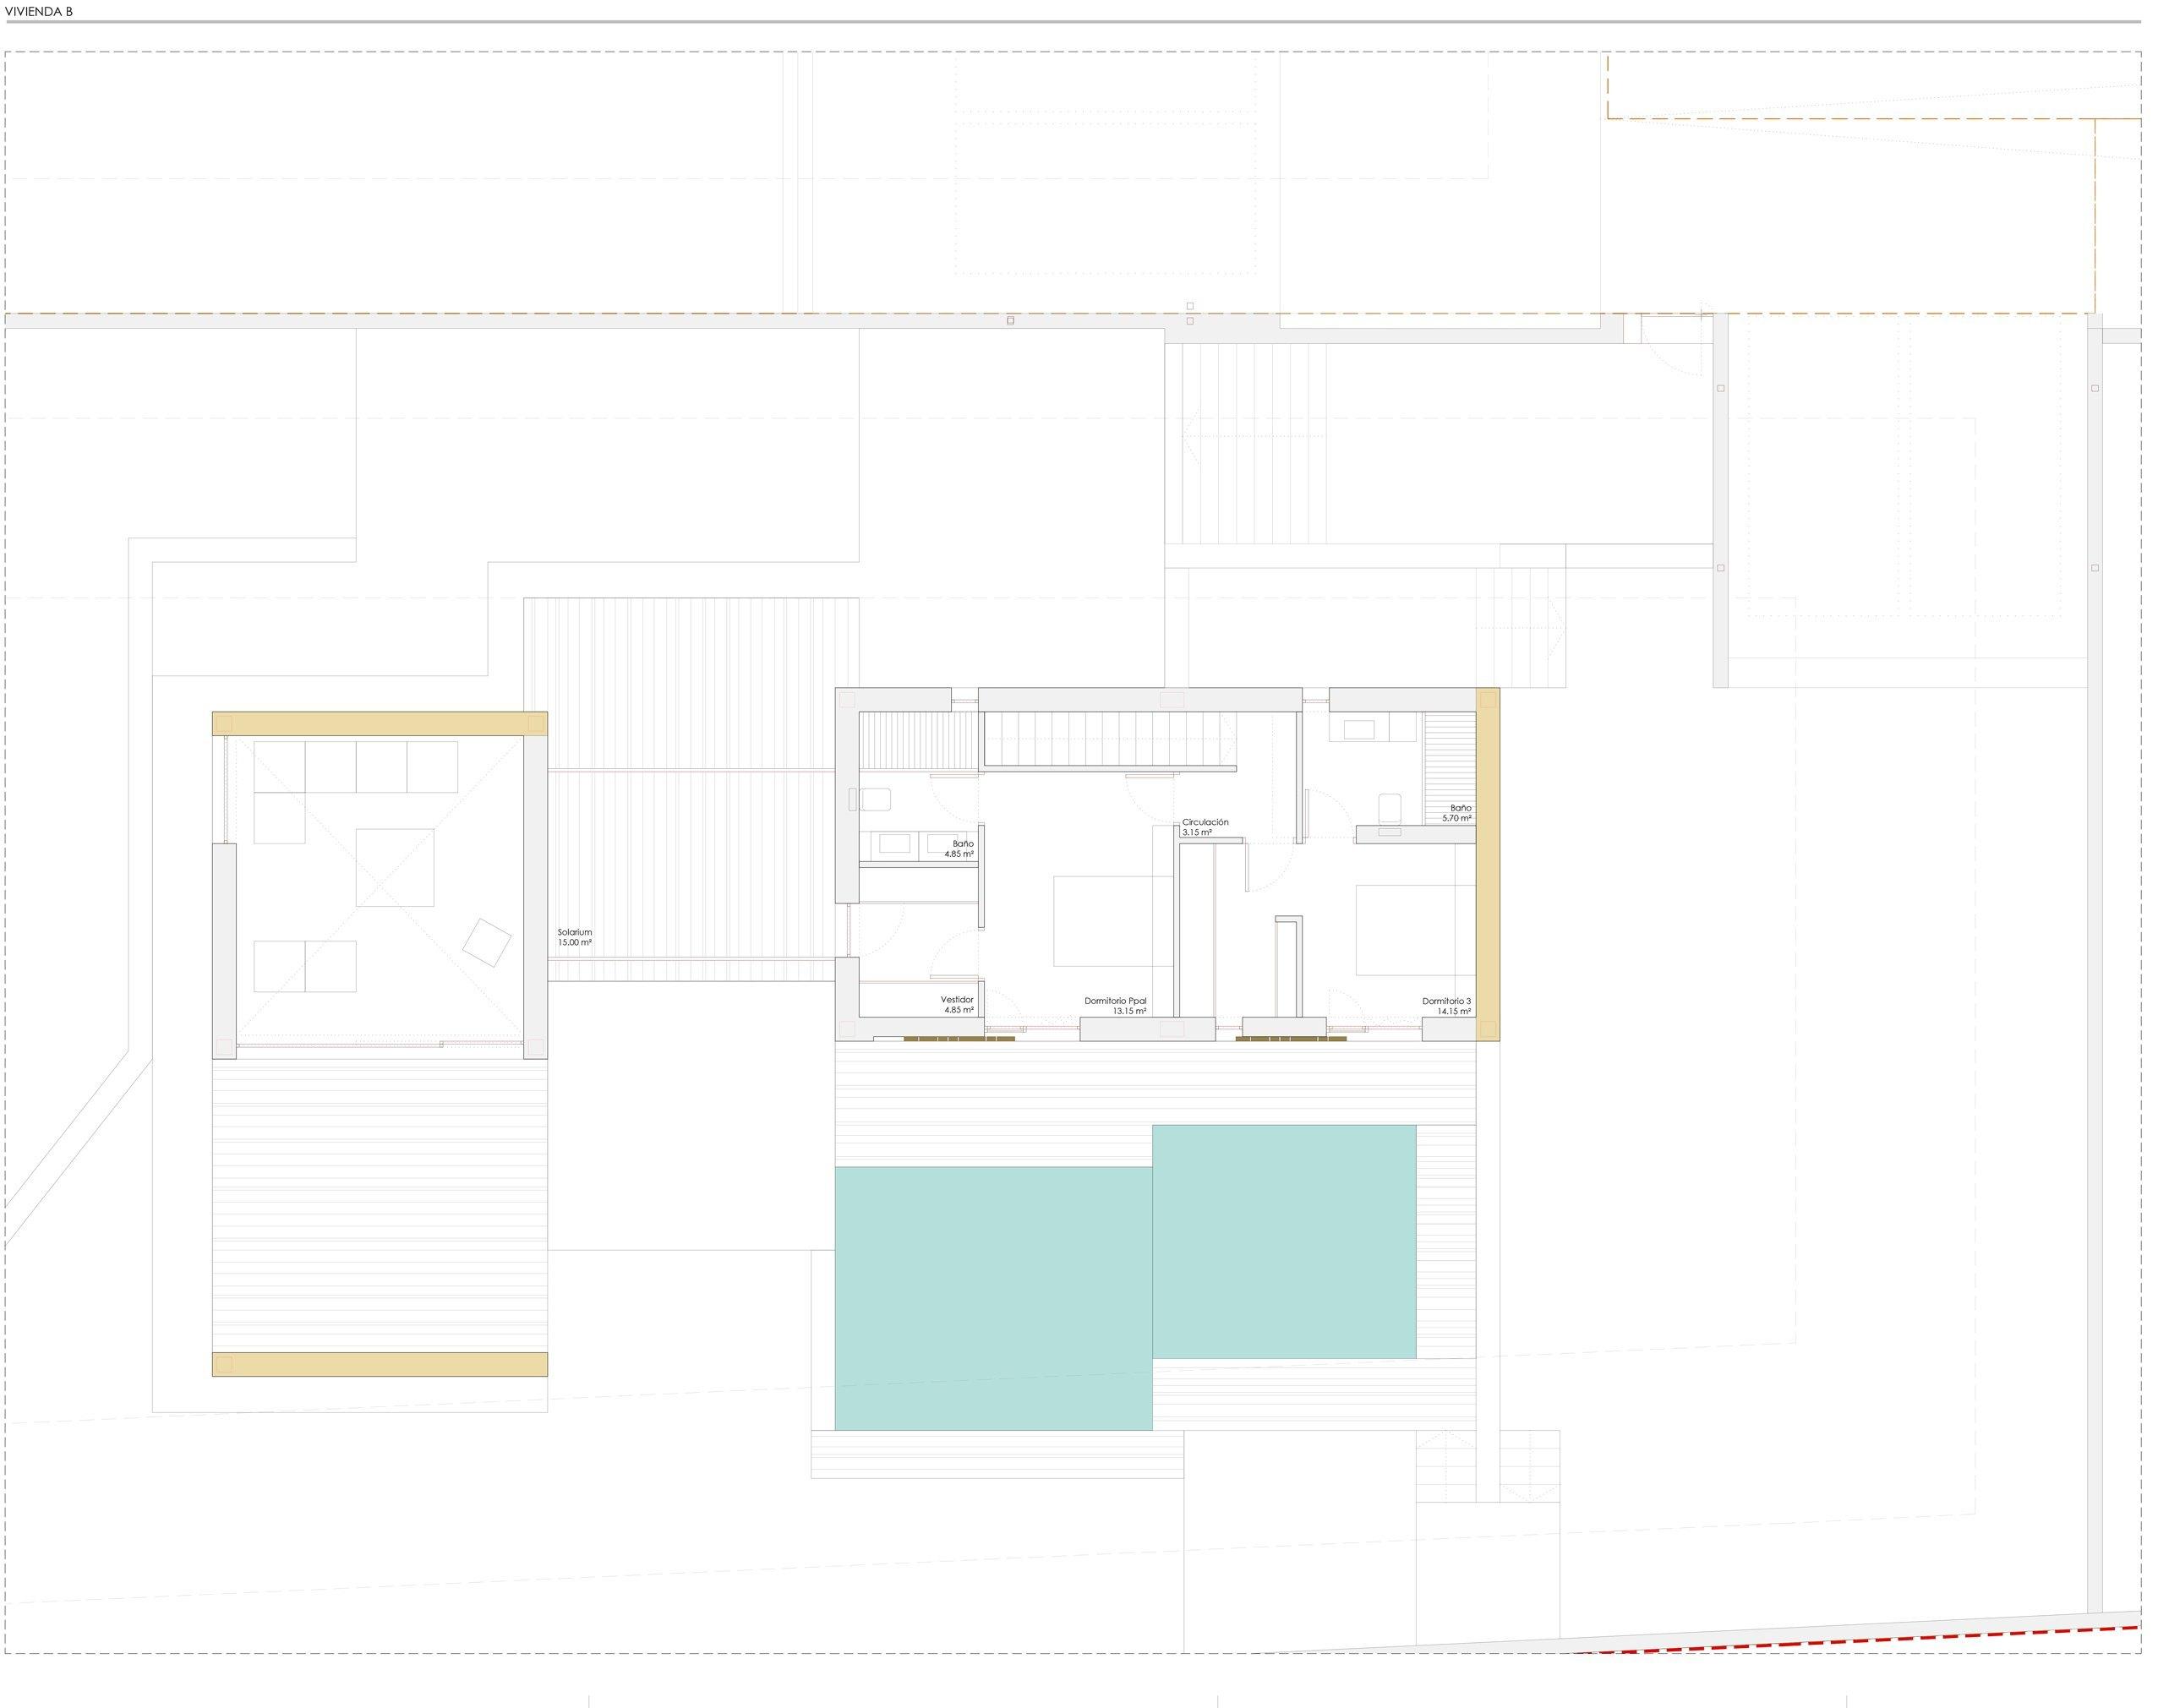 Photogallery - 17 - Build a villa in Moraira: villas for sale in Moraira